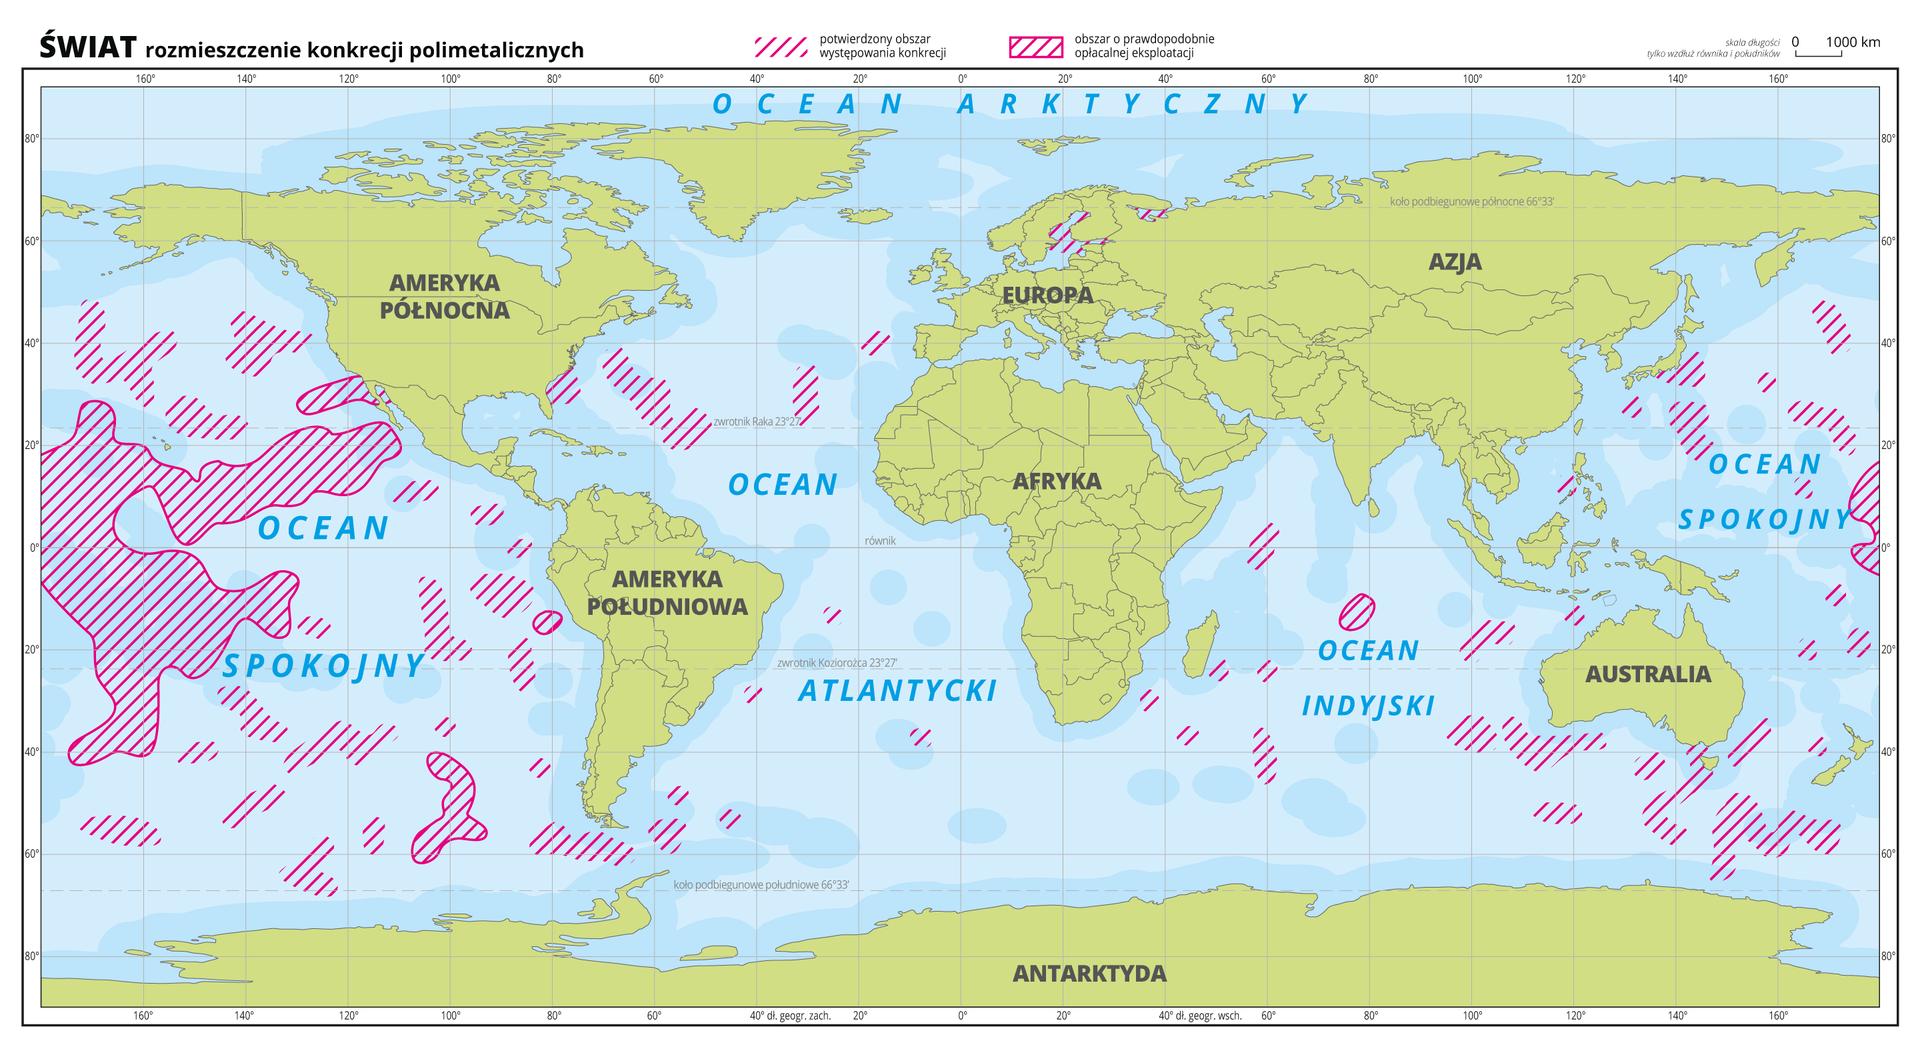 Ilustracja przedstawia mapę świata. Wody zaznaczono kolorem niebieskim, kontynenty zaznaczono zielonym. Opisano kontynenty ioceany.Na mapie czerwonymi liniami zakreskowano obszary występowania konkrecji polimetalicznych na dnie oceanów. Dodatkowo czerwoną linią obwiedziono niektóre zakreskowane wcześniej obszary, na których prawdopodobnie opłacalna jest eksploatacja konkrecji polimetalicznych.Najwięcej zakreskowanych obszarów występuje na Oceanie Spokojnym, pojedyncze na Oceanie Indyjskim inieliczne na Oceanie Atlantyckim, wZatoce Botnickiej iZatoce Fińskiej.Mapa pokryta jest równoleżnikami ipołudnikami. Dookoła mapy wbiałej ramce opisano współrzędne geograficzne co dwadzieścia stopni.Na górze wlegendzie mapy objaśniono znaki użyte na mapie.